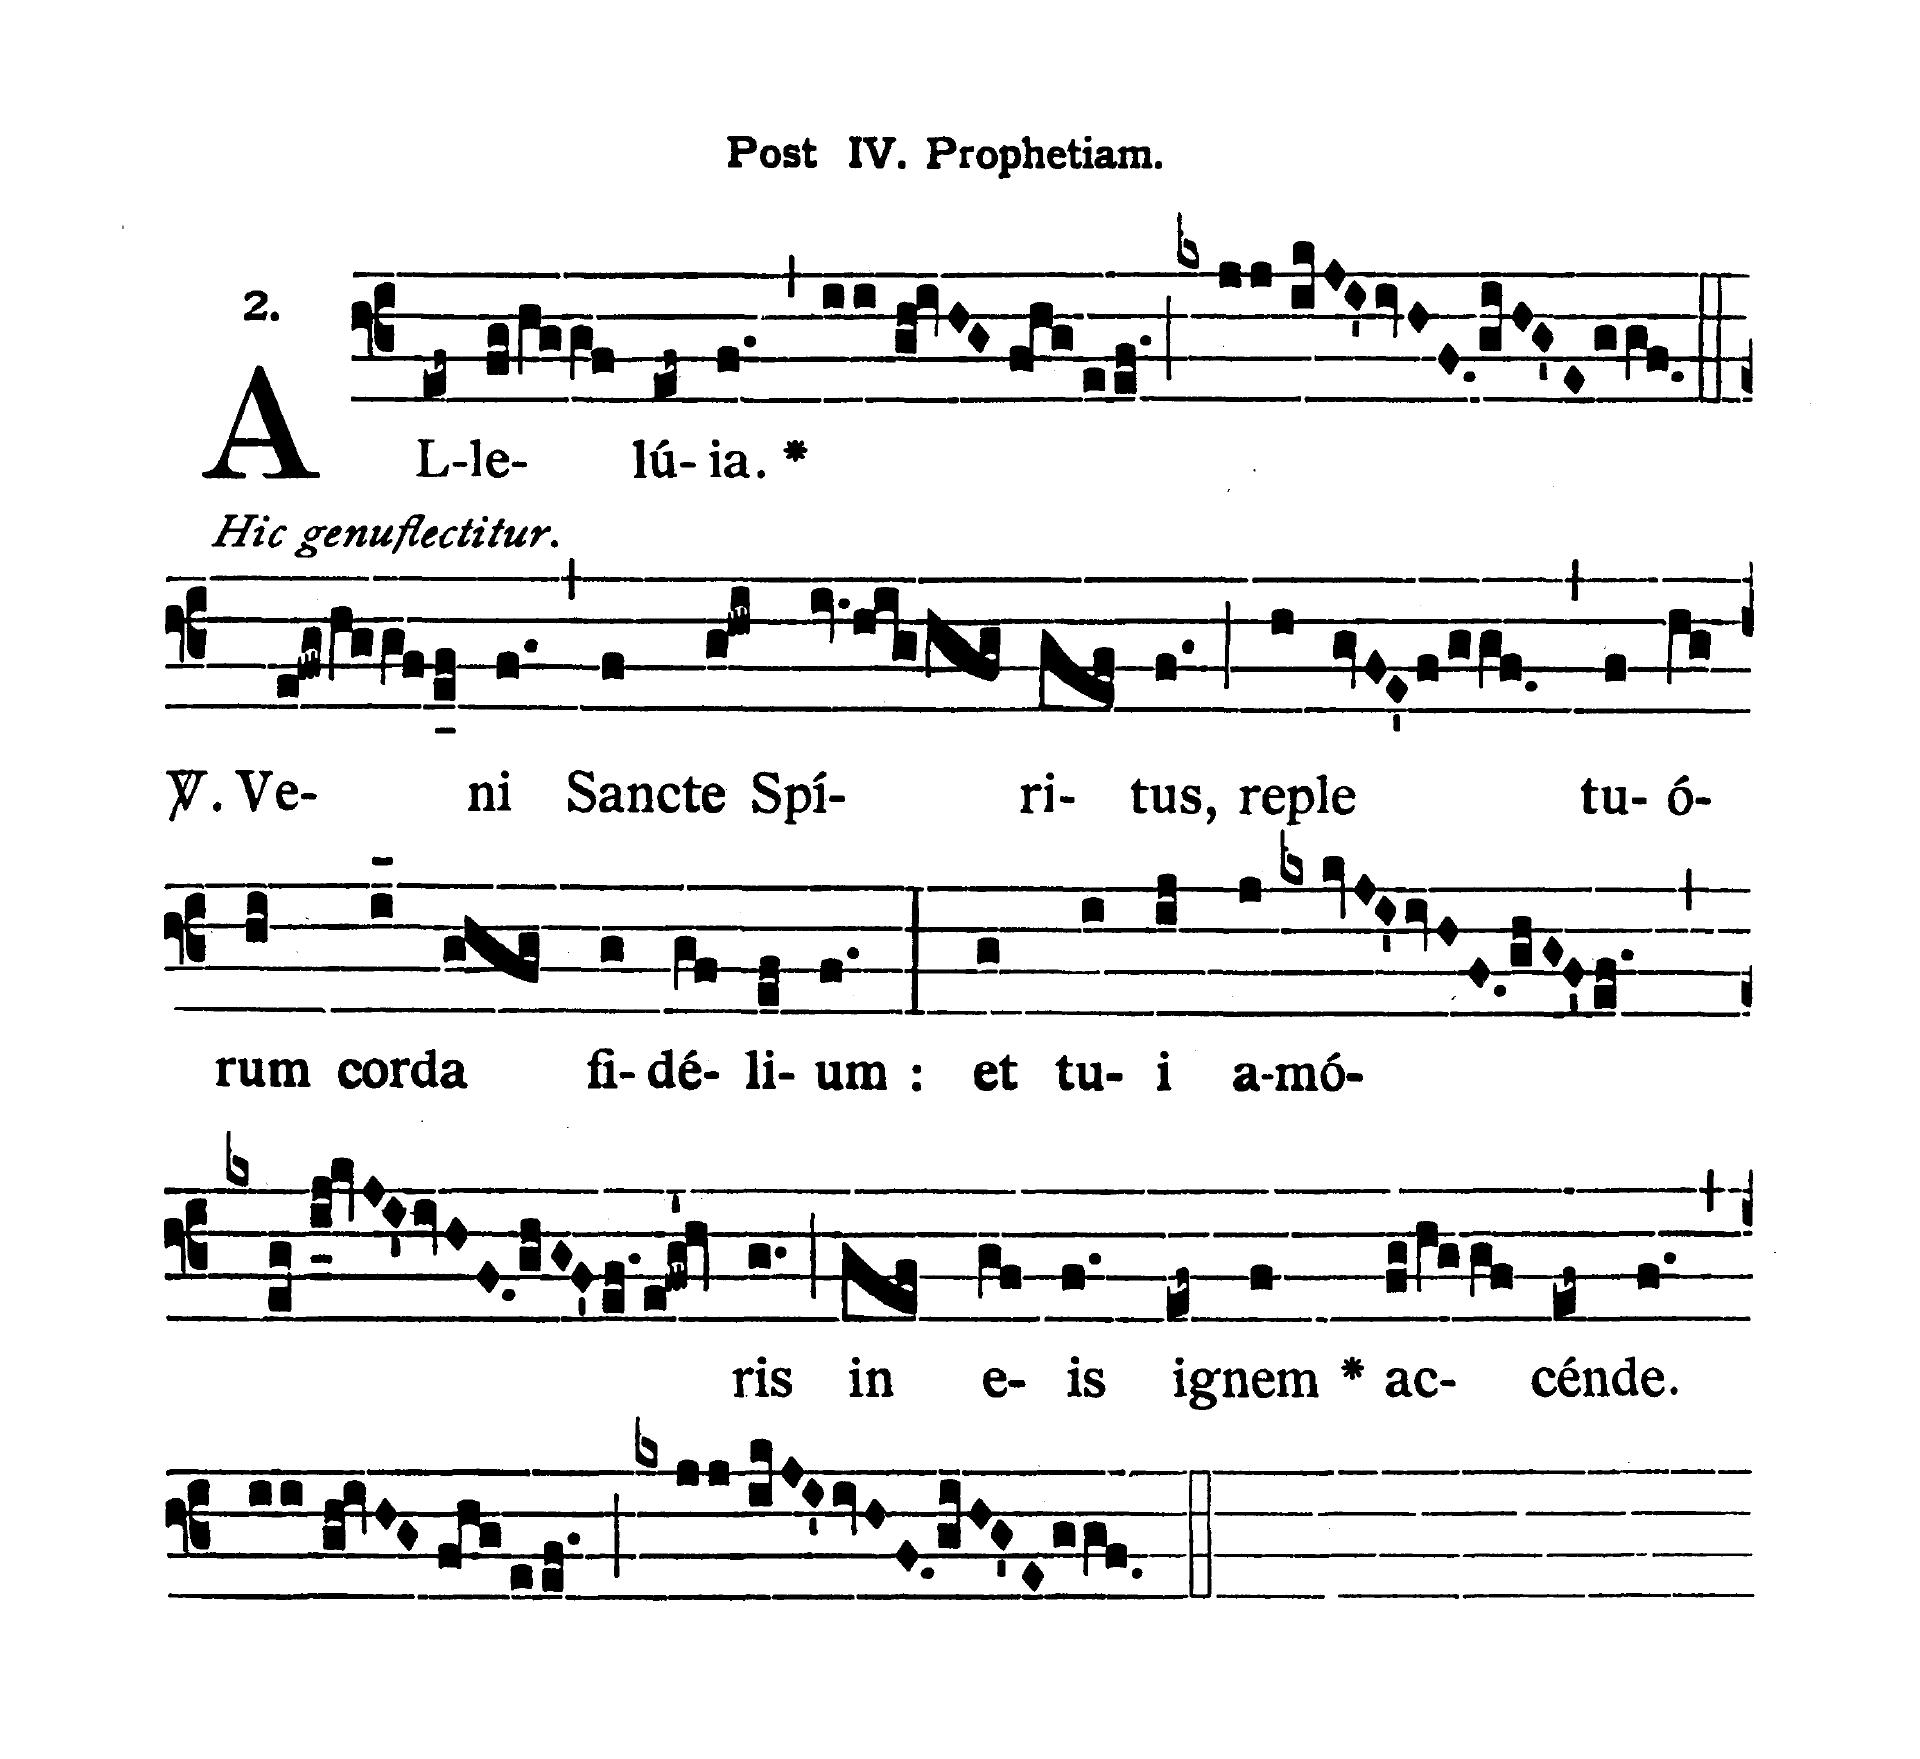 Sabbato infra Octavam Pentecostes (Sobota w oktawie Zesłania Ducha Świętego) - Alleluia quarta (Veni Sancte Spiritus)